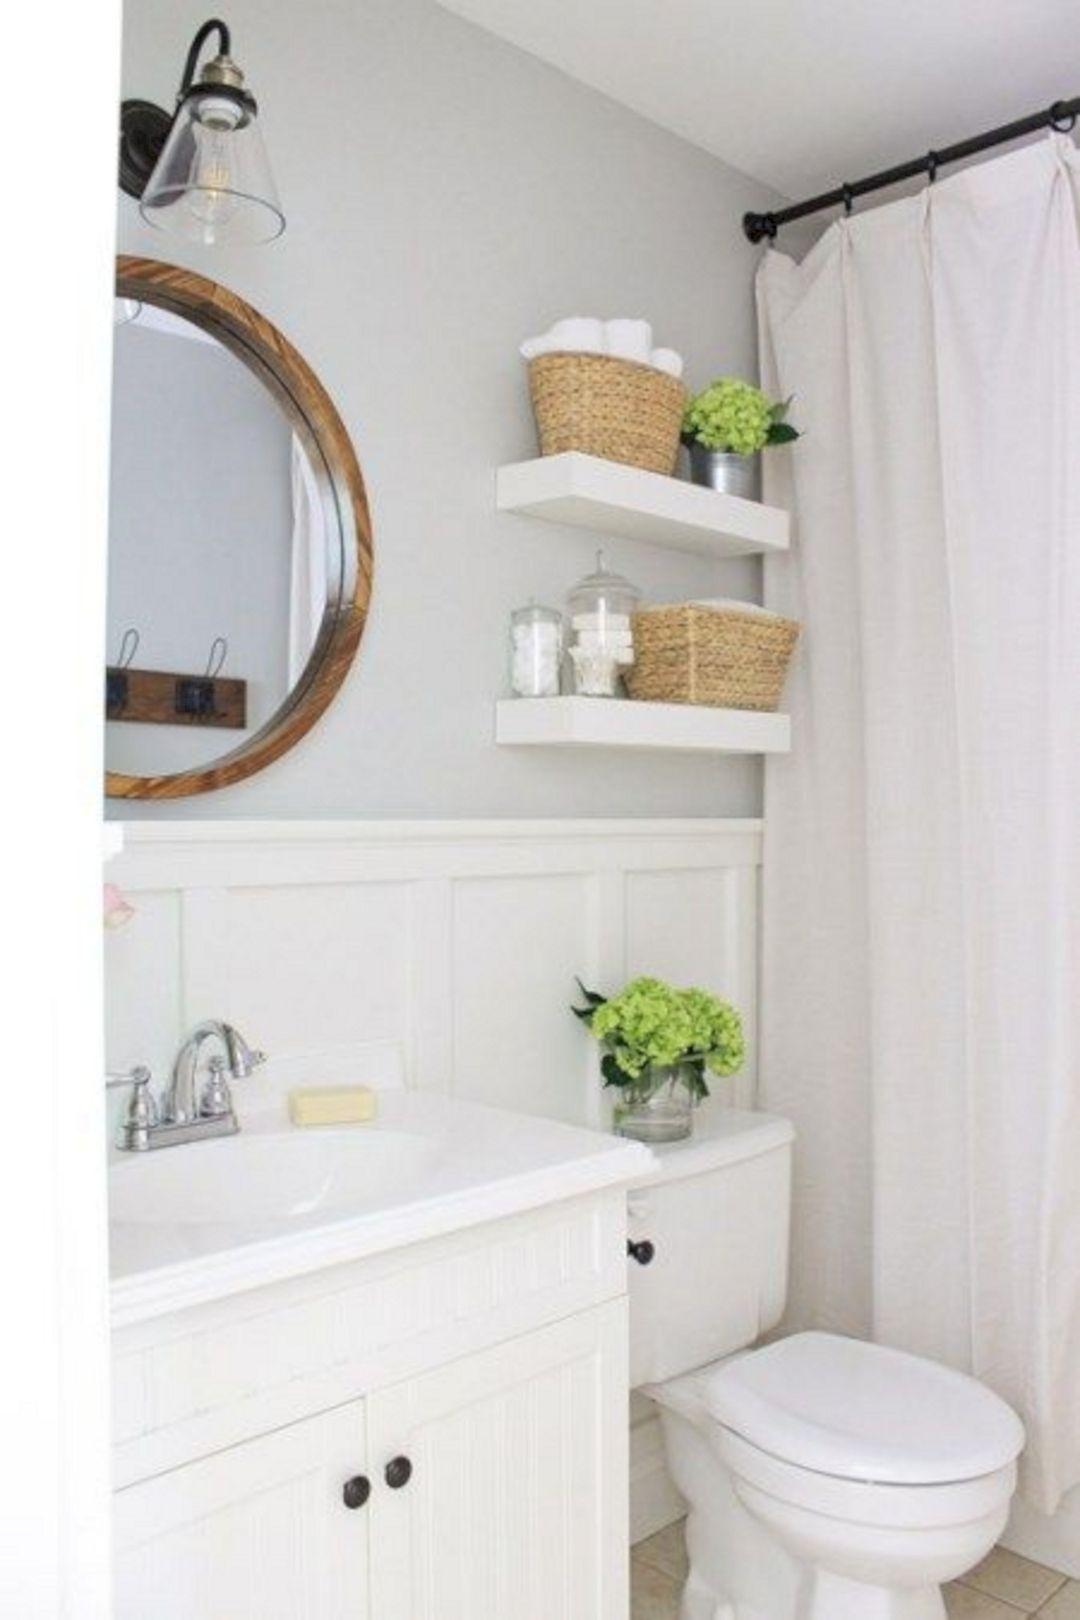 Best DIY Master Bathroom Ideas Remodel On a Budget 21 – DECOREDO